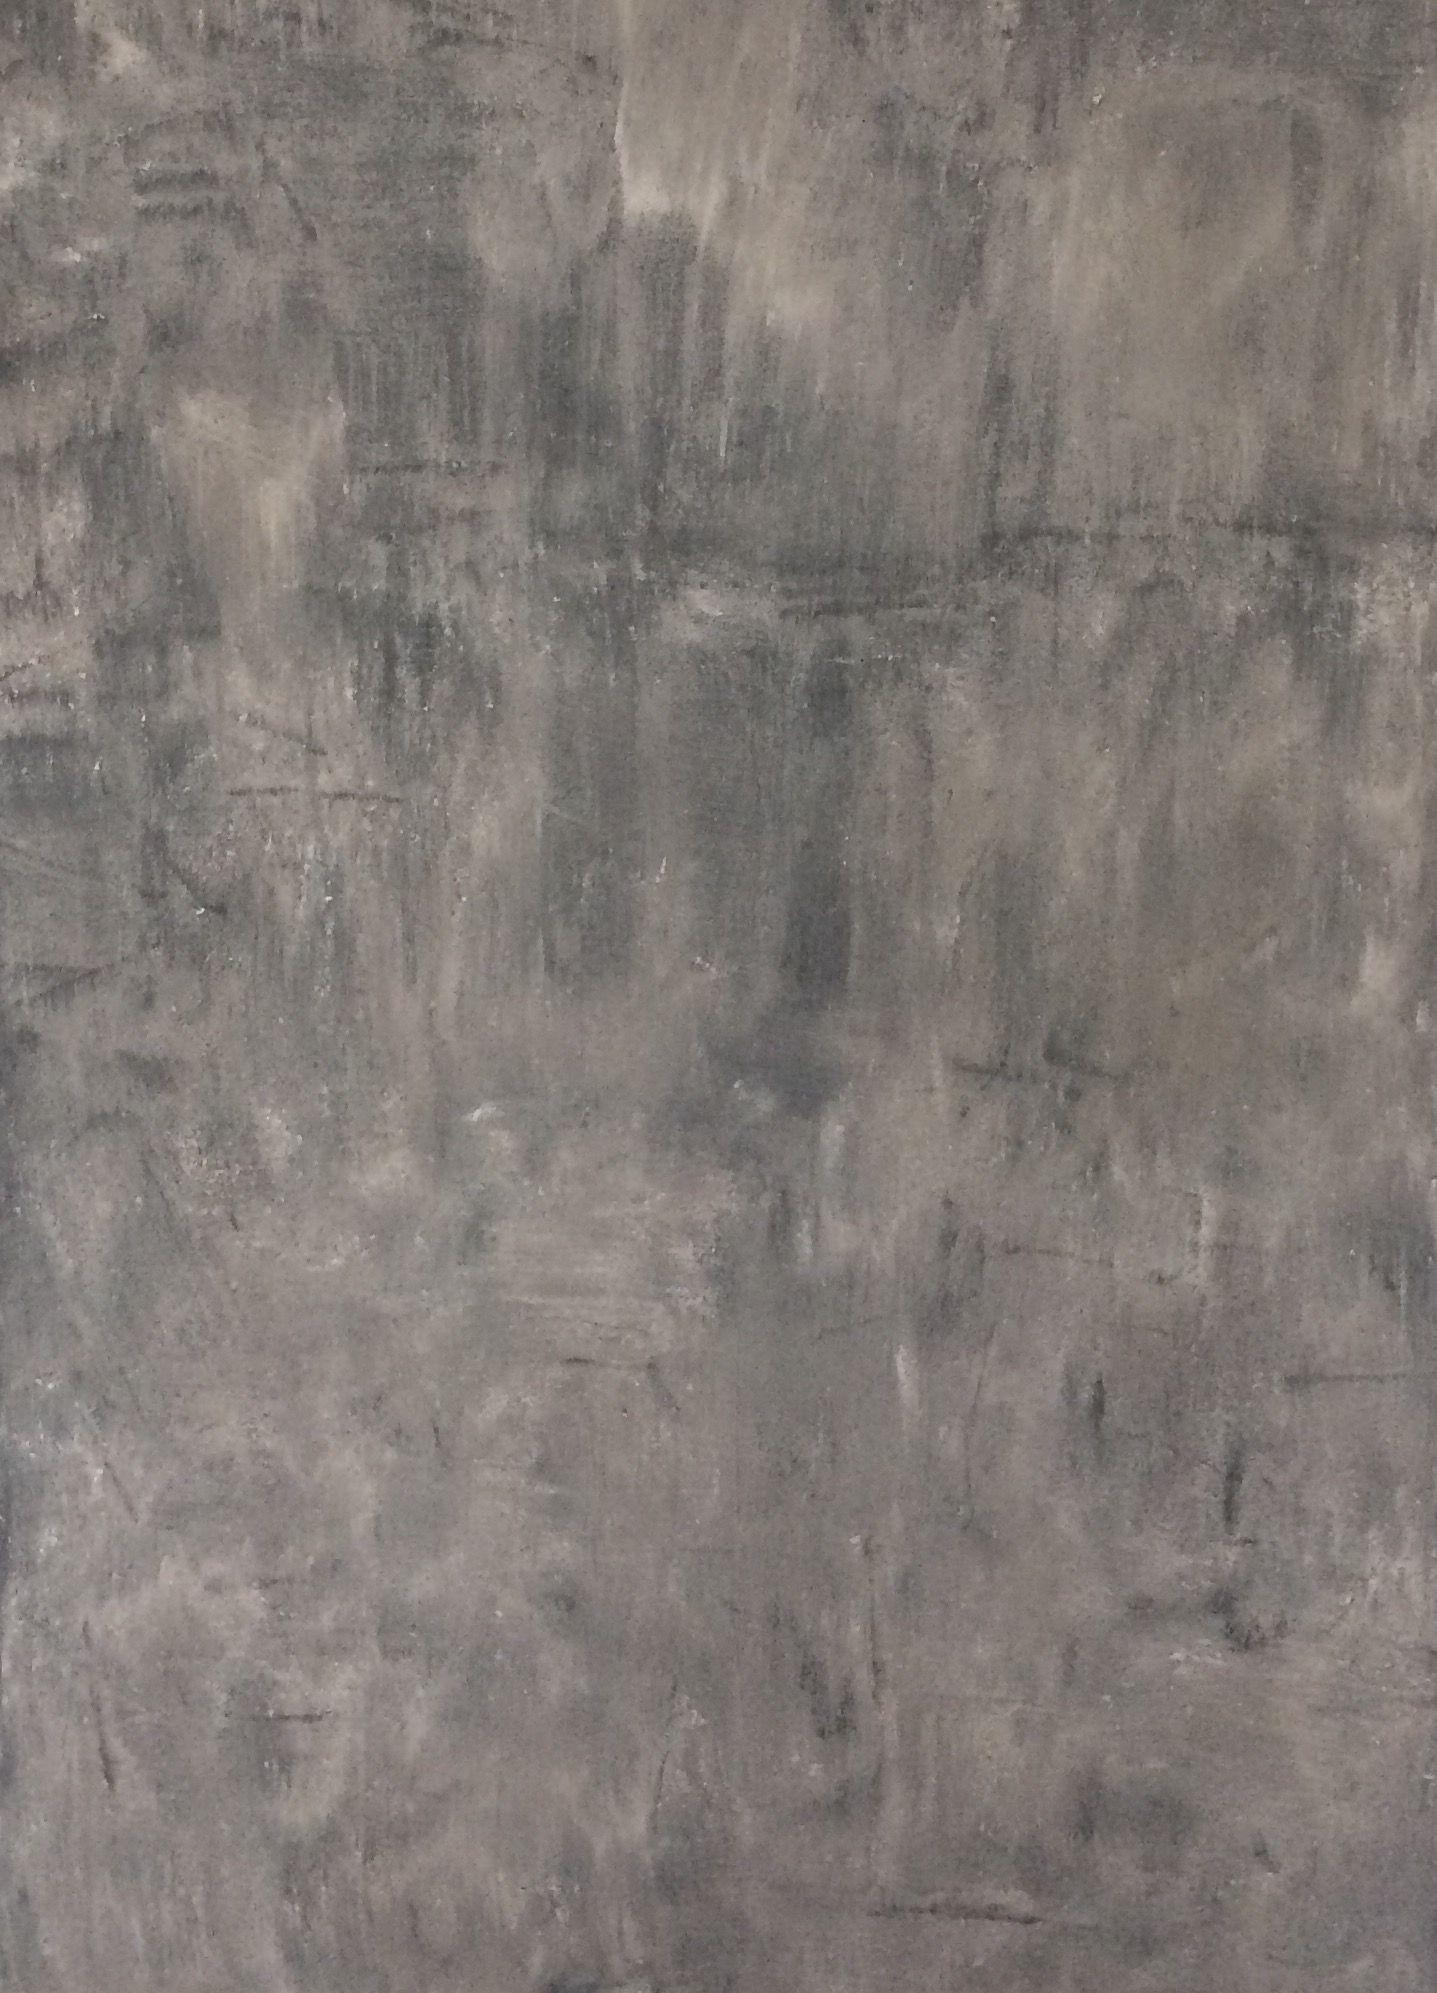 Betonlook verf op de muur Kleur warm beige primer grijs